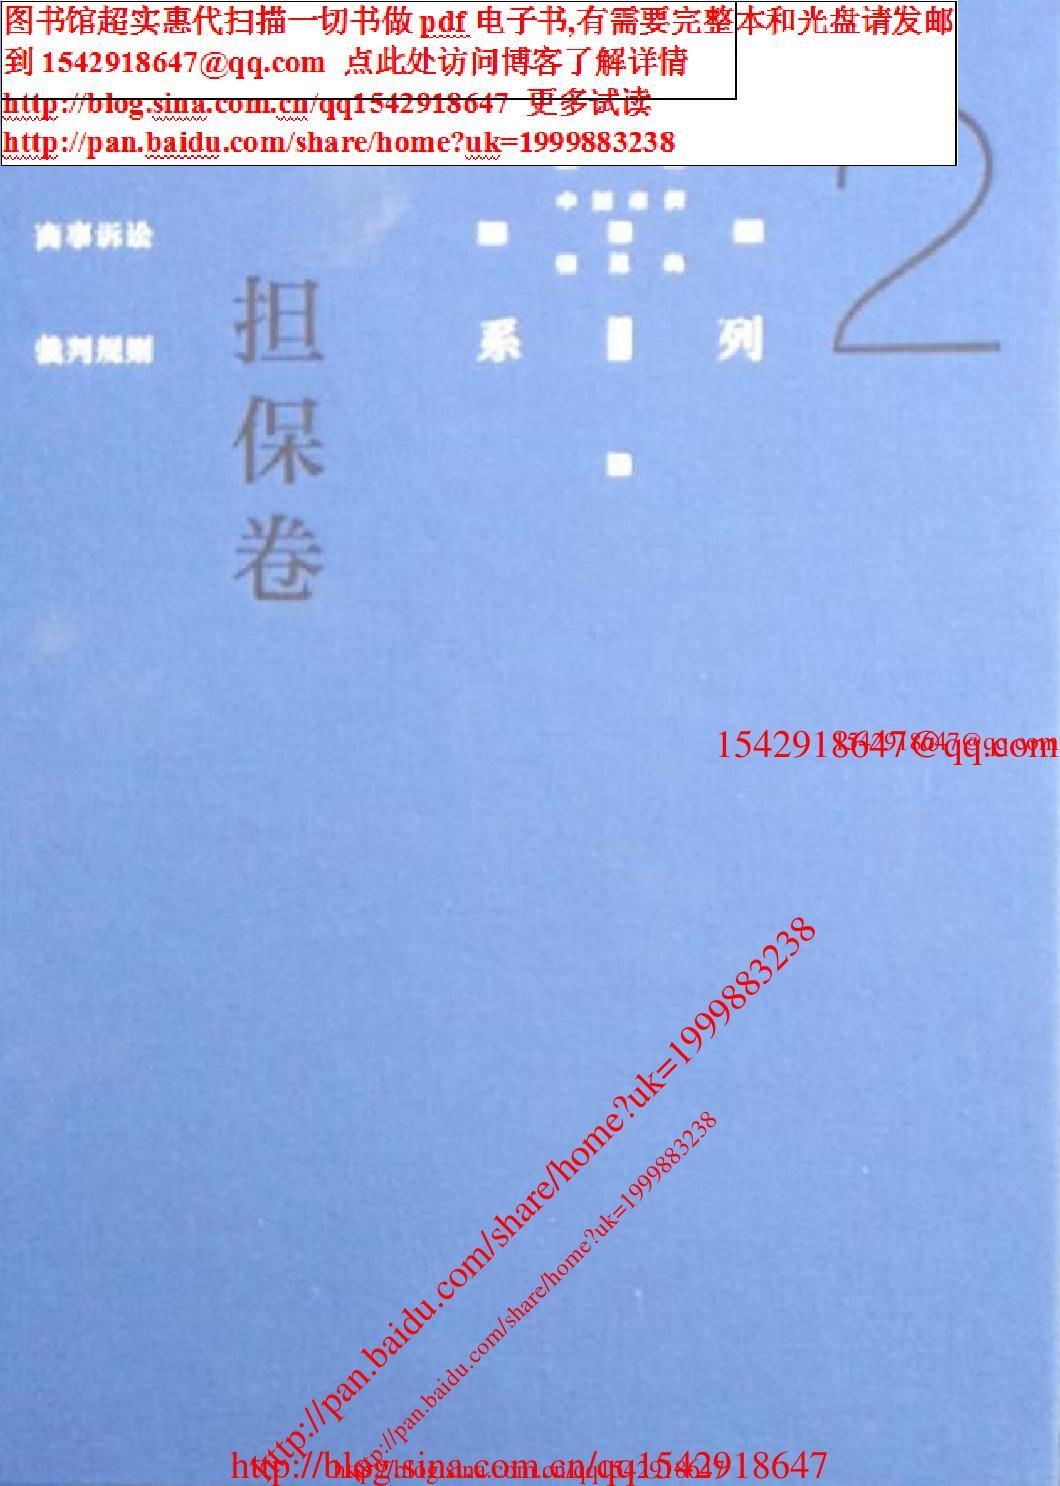 Trl 超清适合打印天同码中国商事诉讼裁判规则2 担保卷【894页蒋勇